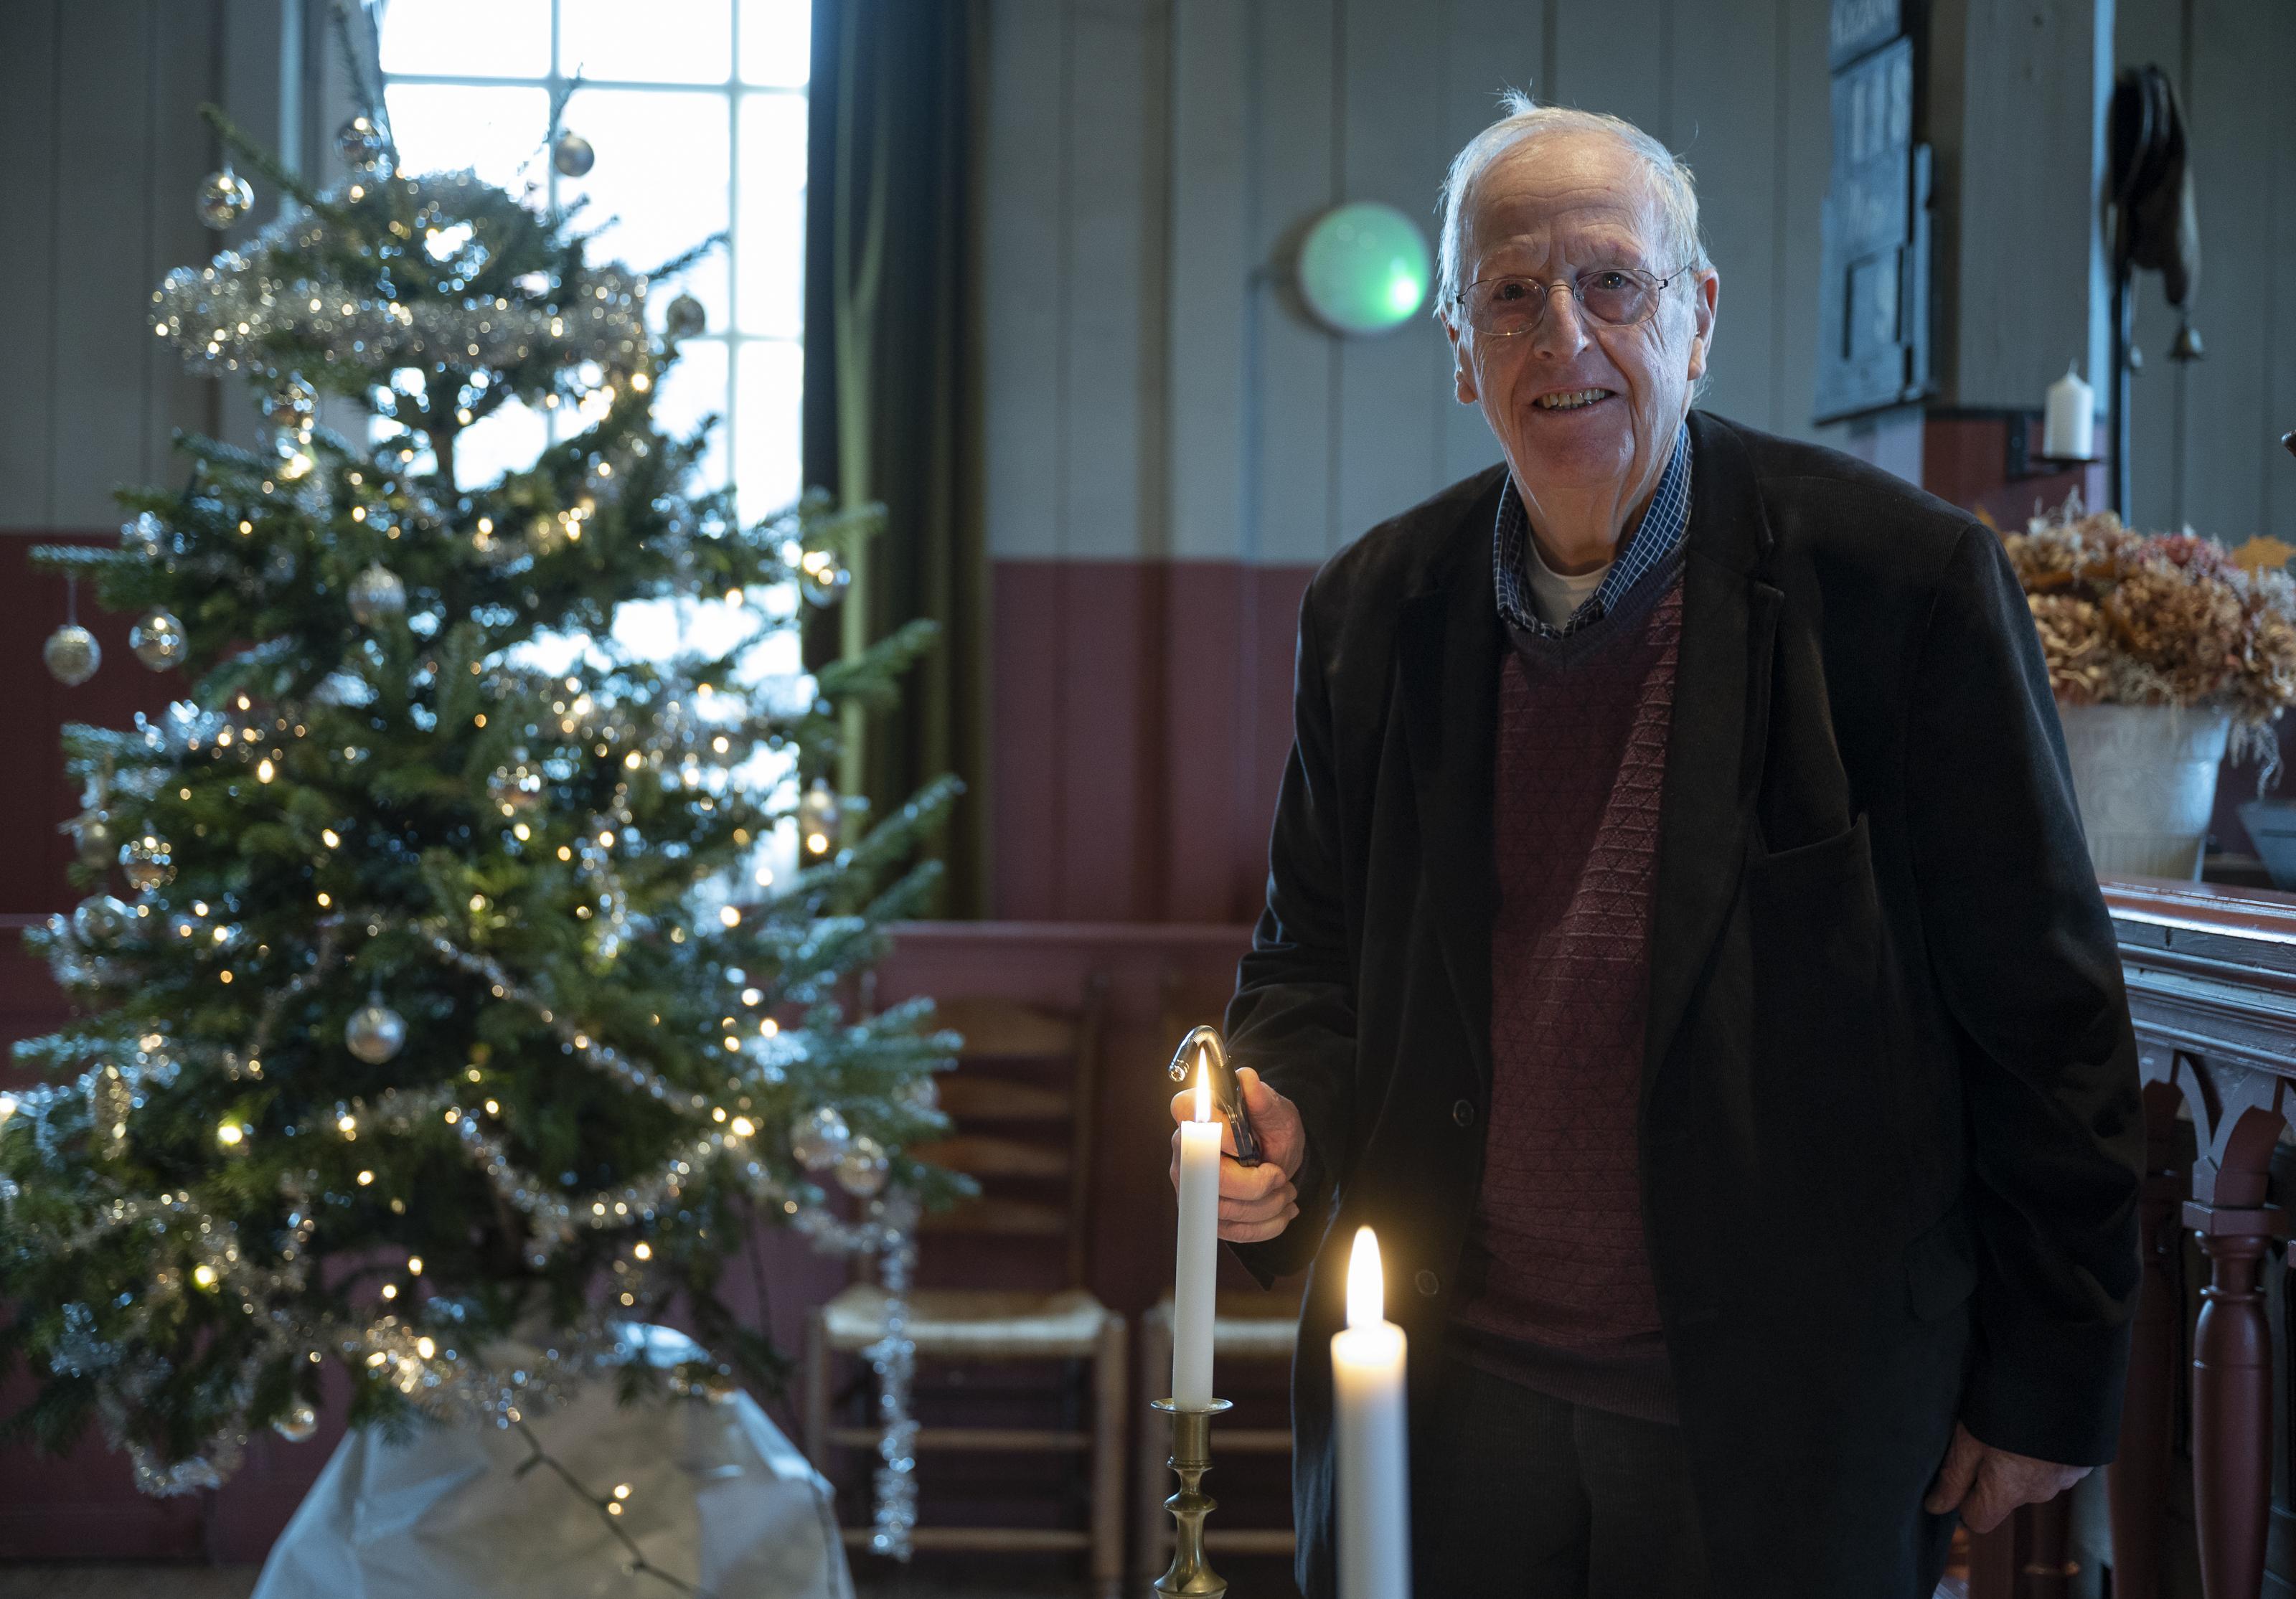 Toeristen uit het Marinapark, emigranten op familiebezoek: in het Stolphoevekerkje in Volendam komen regelmatig vreemdelingen aanwaaien